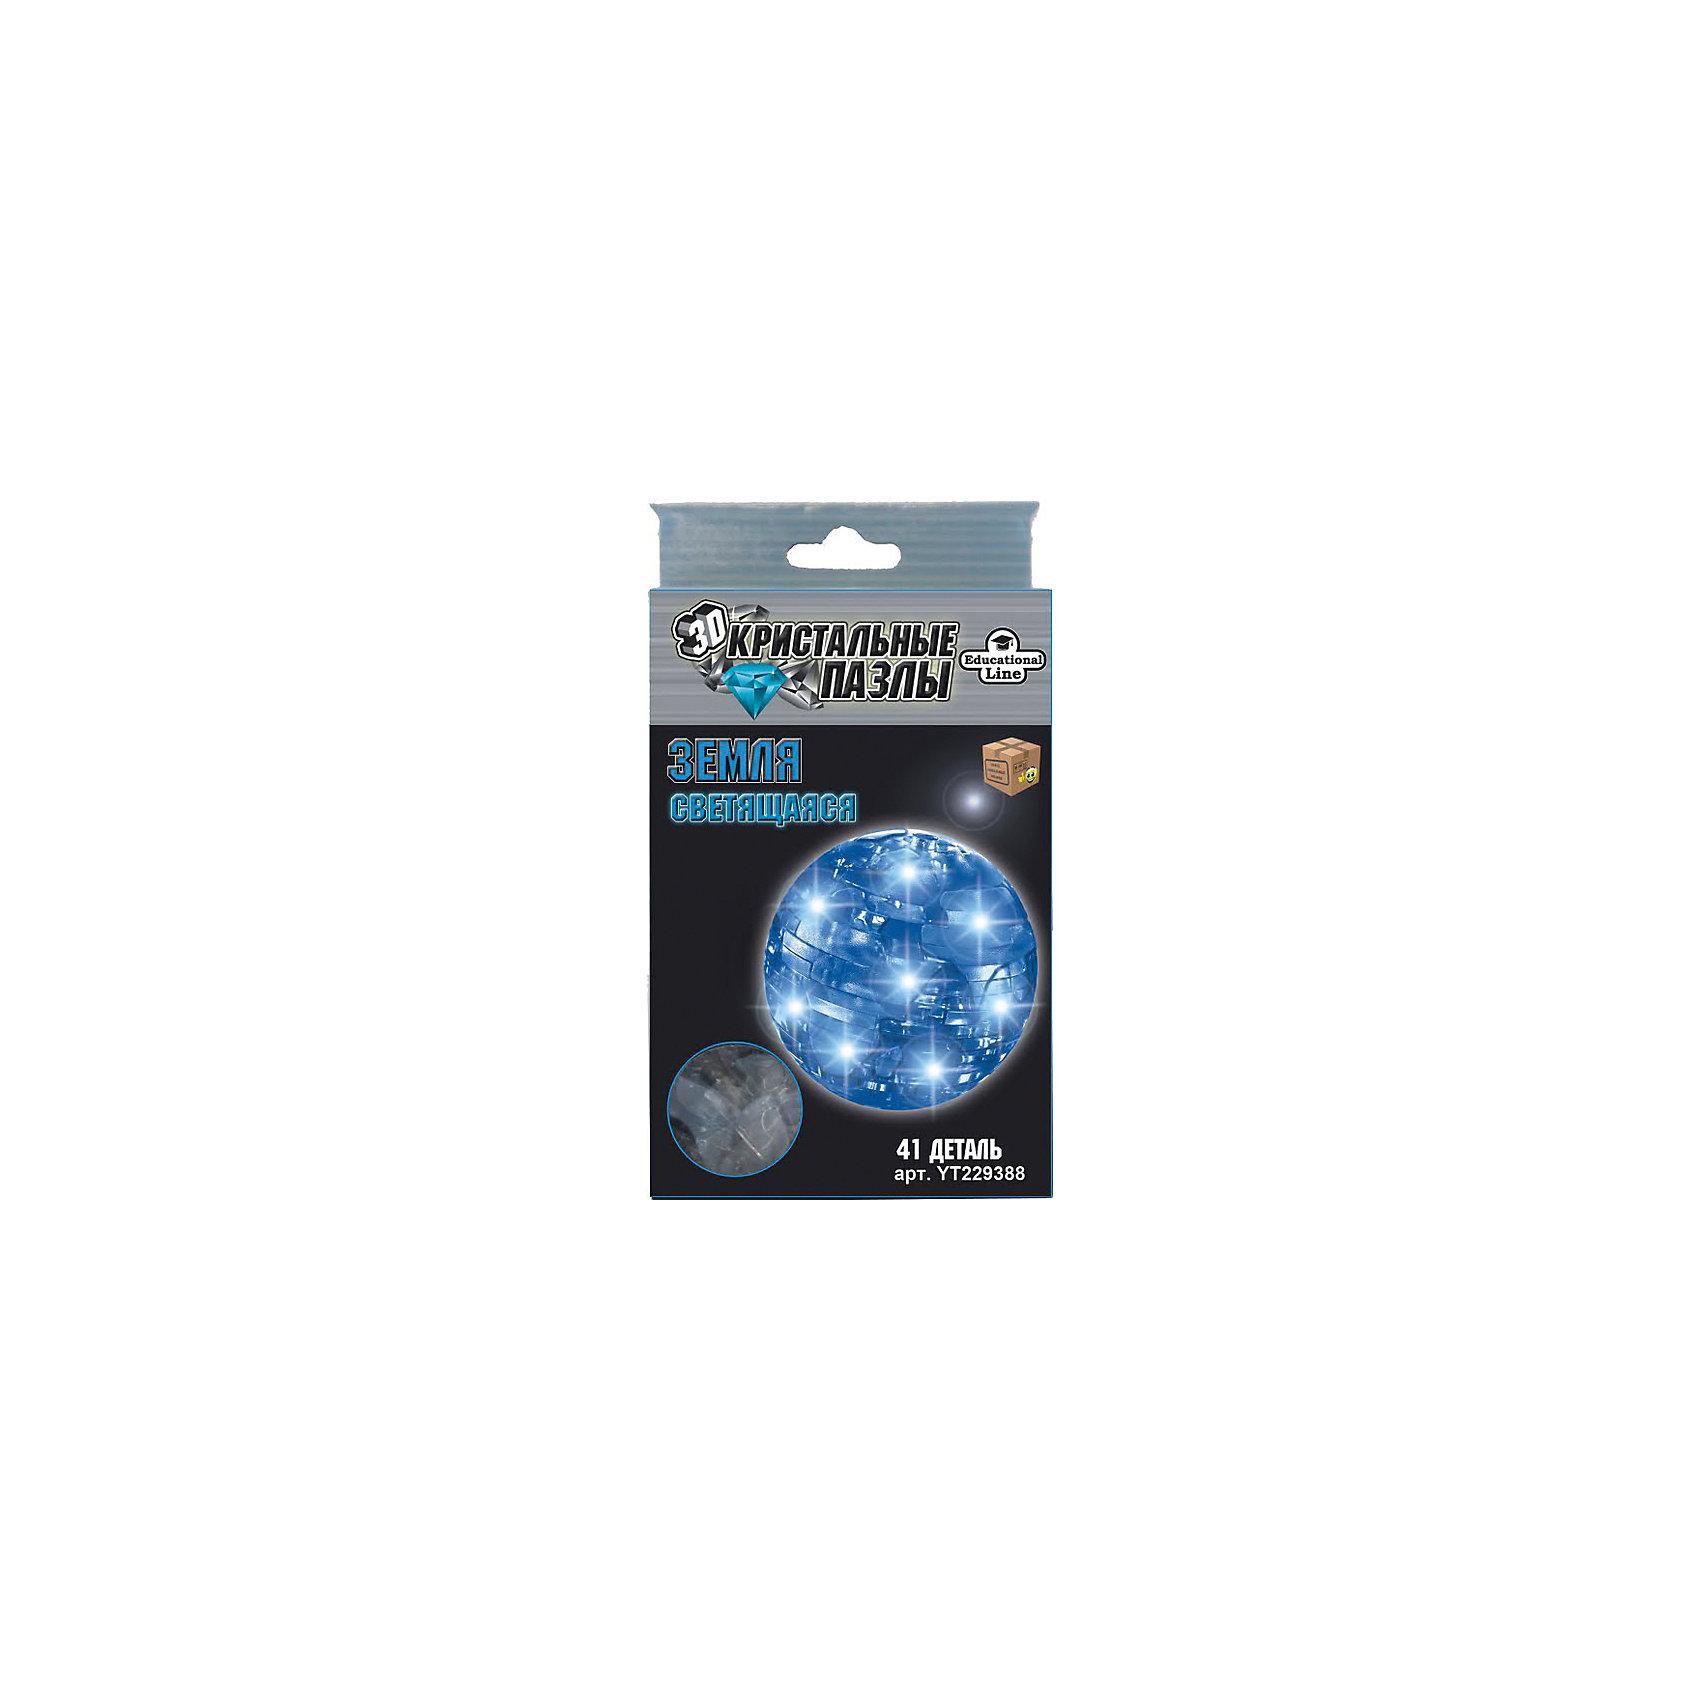 Кристаллический пазл-cветильник 3D Земля L3D пазлы<br>Характеристики товара:<br><br>• возраст: от 8 лет;<br>• материал: пластик;<br>• в комплекте: 41 элемент, инструкция;<br>• тип батареек: батарейки L736;<br>• наличие батареек: демонстрационные в комплекте;<br>• размер упаковки: 16х10х4 см;<br>• вес упаковки: 200 гр.;<br>• страна производитель: Китай.<br><br>Кристаллический 3D пазл-светильник «Земля» Educational Line позволит собрать объемную фигурку из пластиковых деталей пазла. Все детали прочно соединяются между собой и крепко держатся. Готовая модель оснащена светящимся элементом и может использоваться в качестве оригинального светильника в детской комнате. В процессе сборки пазла развиваются мелкая моторика рук, усидчивость, внимательность, логическое мышление. <br><br>Кристаллический 3D пазл-светильник «Земля» Educational Line можно приобрести в нашем интернет-магазине.<br><br>Ширина мм: 17<br>Глубина мм: 9<br>Высота мм: 4<br>Вес г: 133<br>Возраст от месяцев: 96<br>Возраст до месяцев: 2147483647<br>Пол: Унисекс<br>Возраст: Детский<br>Количество деталей: 41<br>SKU: 5362953